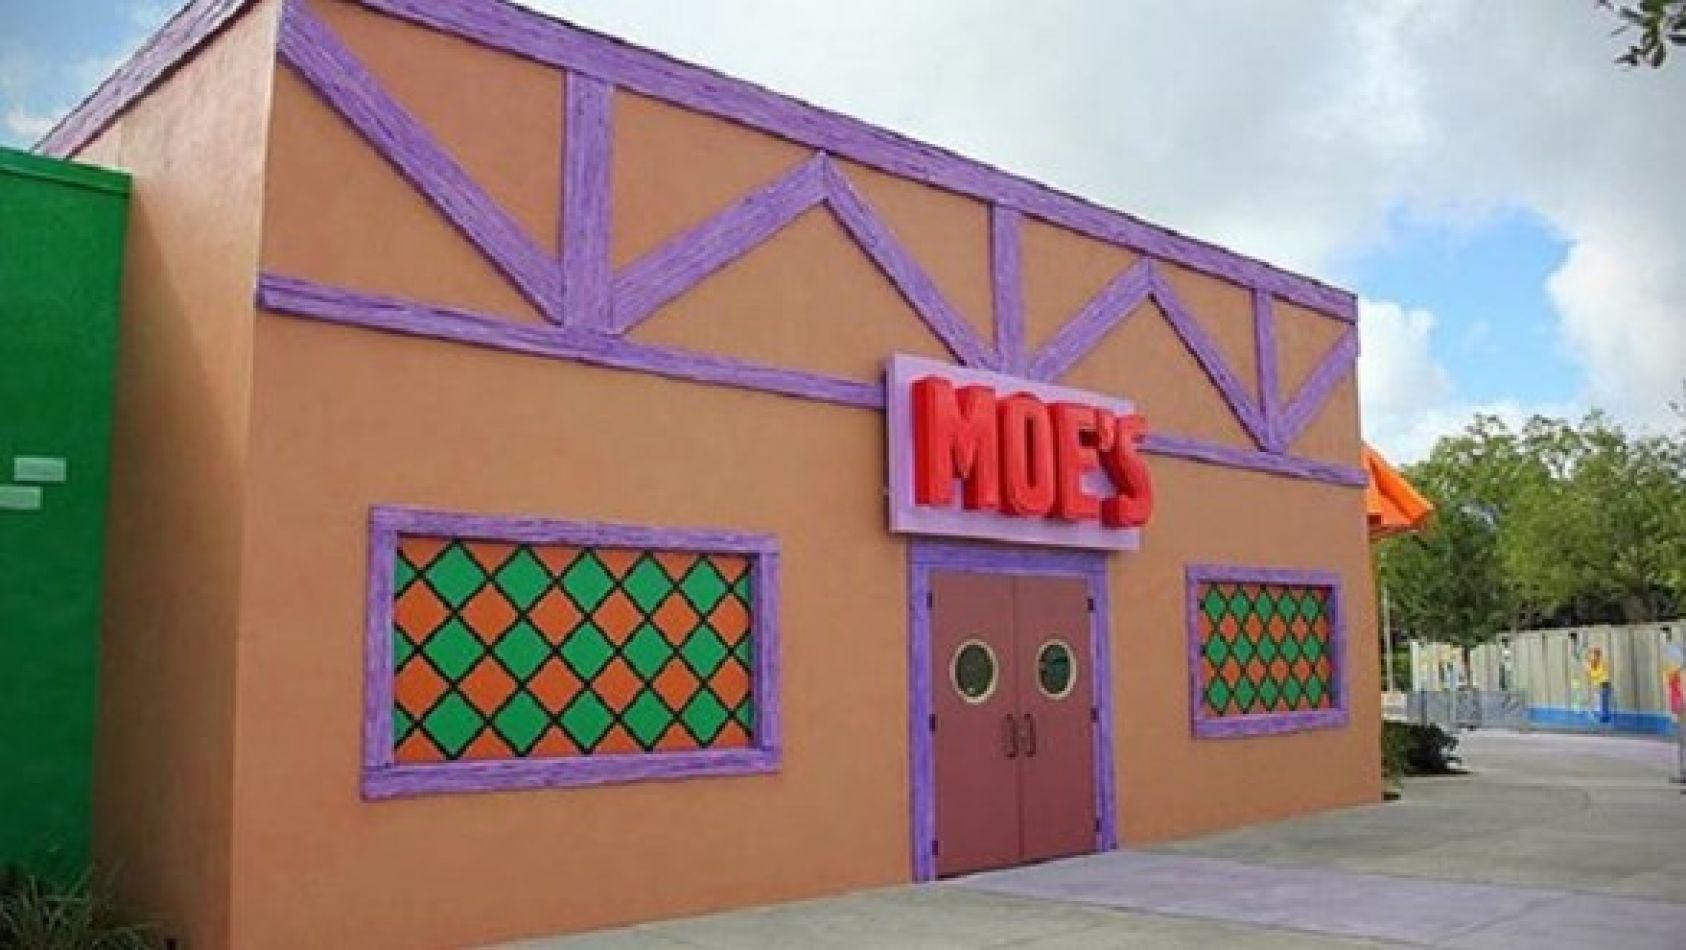 Abren en Madrid la taberna de Moe de Los Simpson pero en su versión real